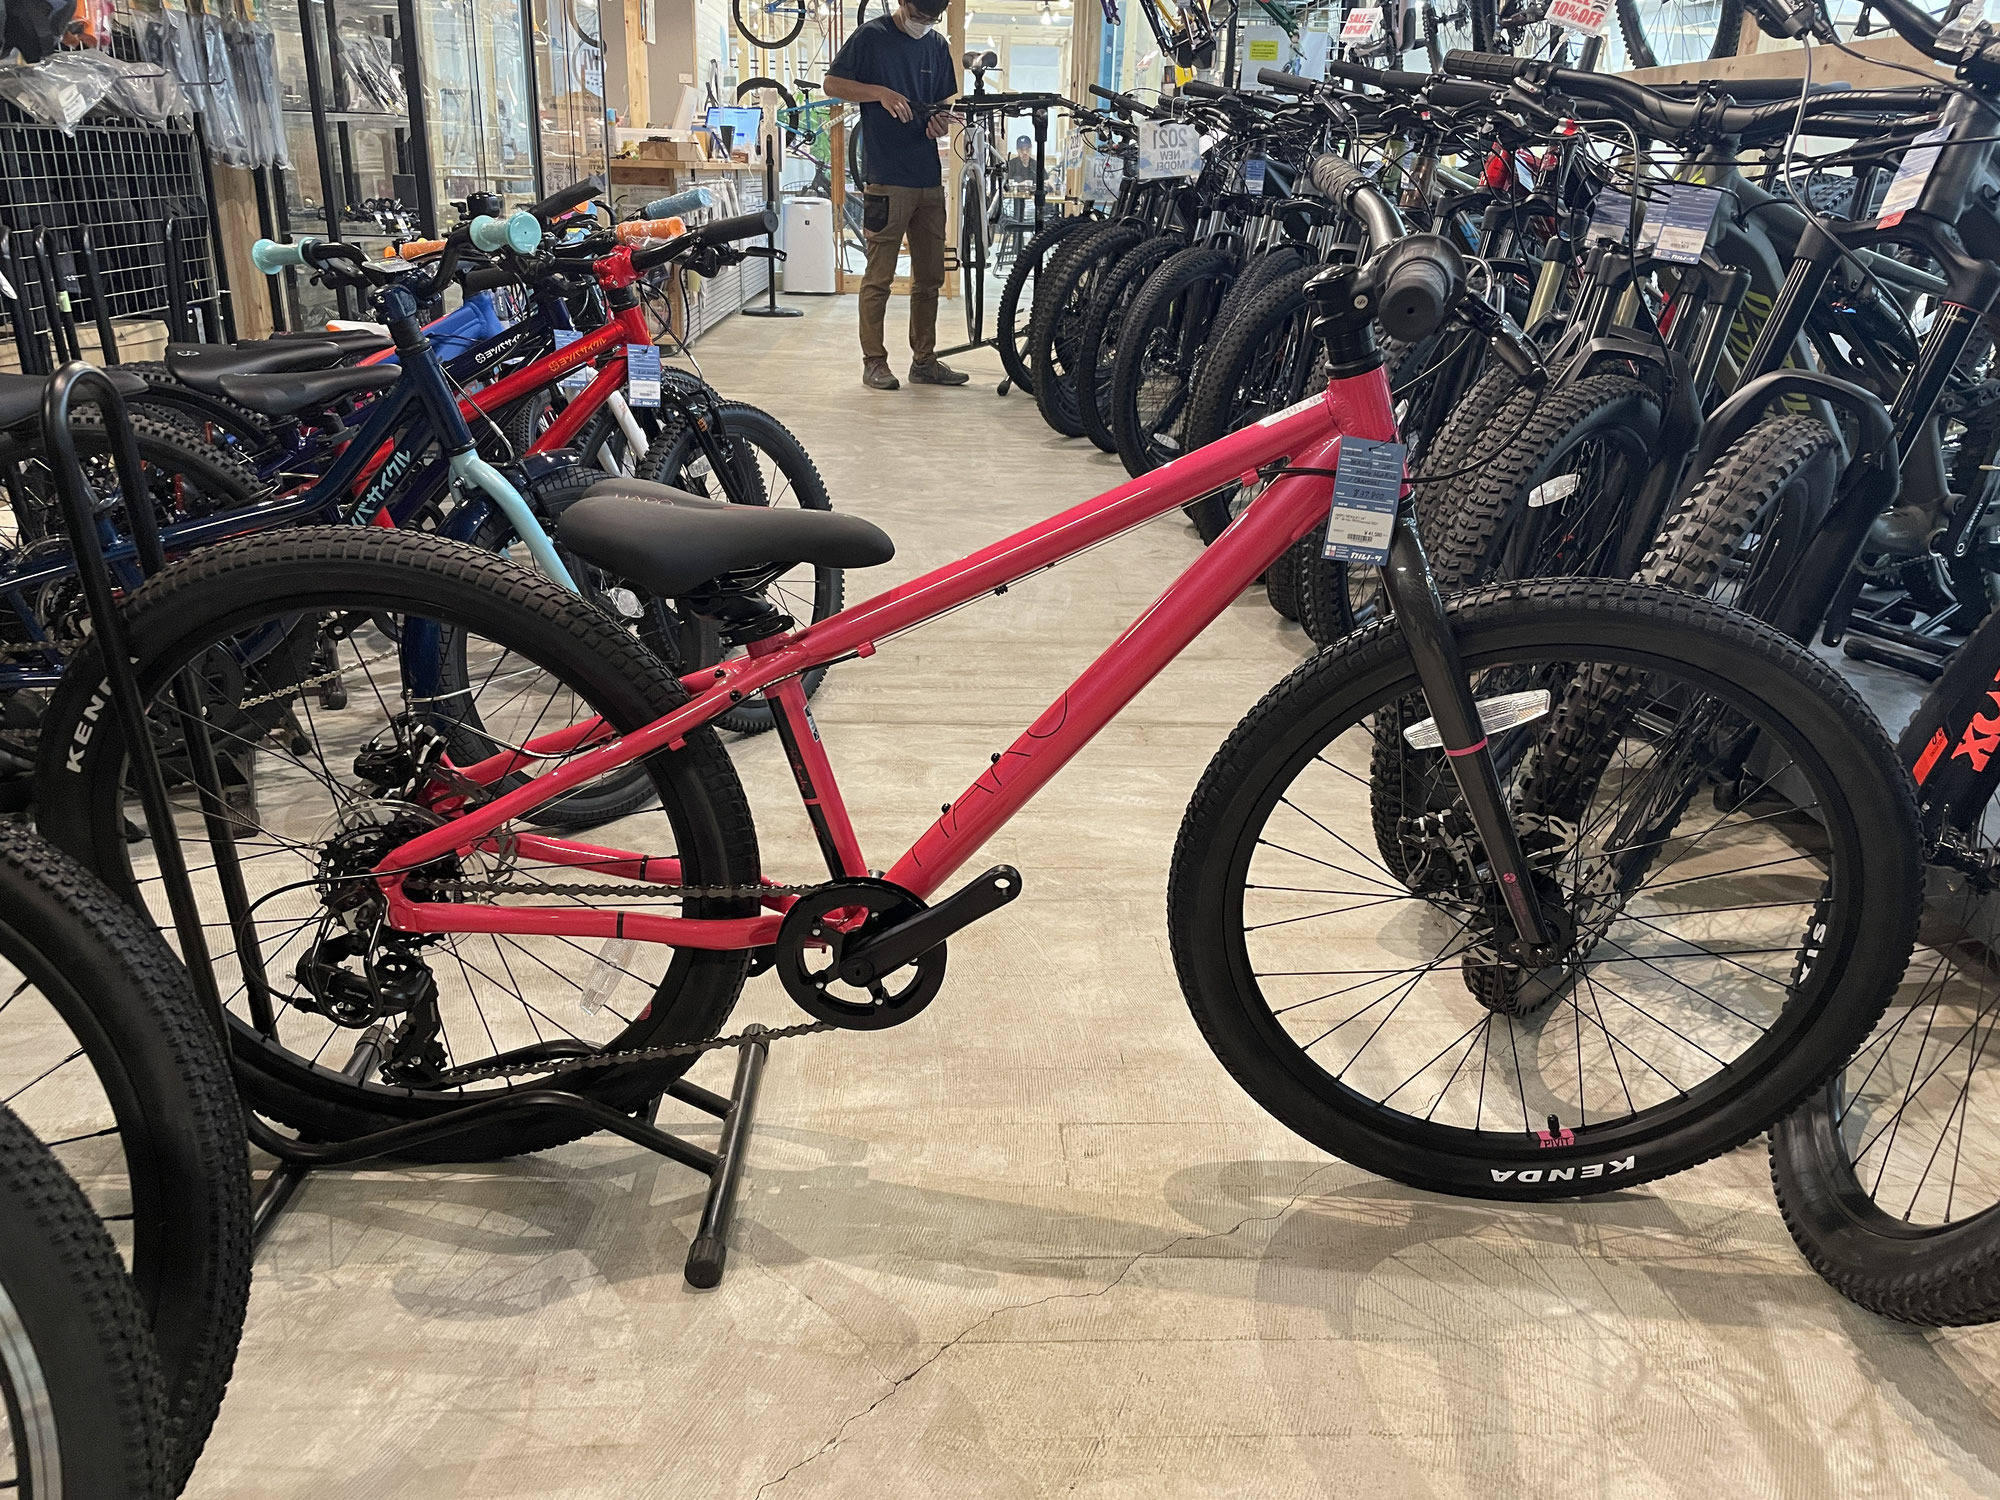 キッズMTBあります!-山梨のマウンテンバイク自転車ショップCARNOSA INDOOR BIKE PARK-